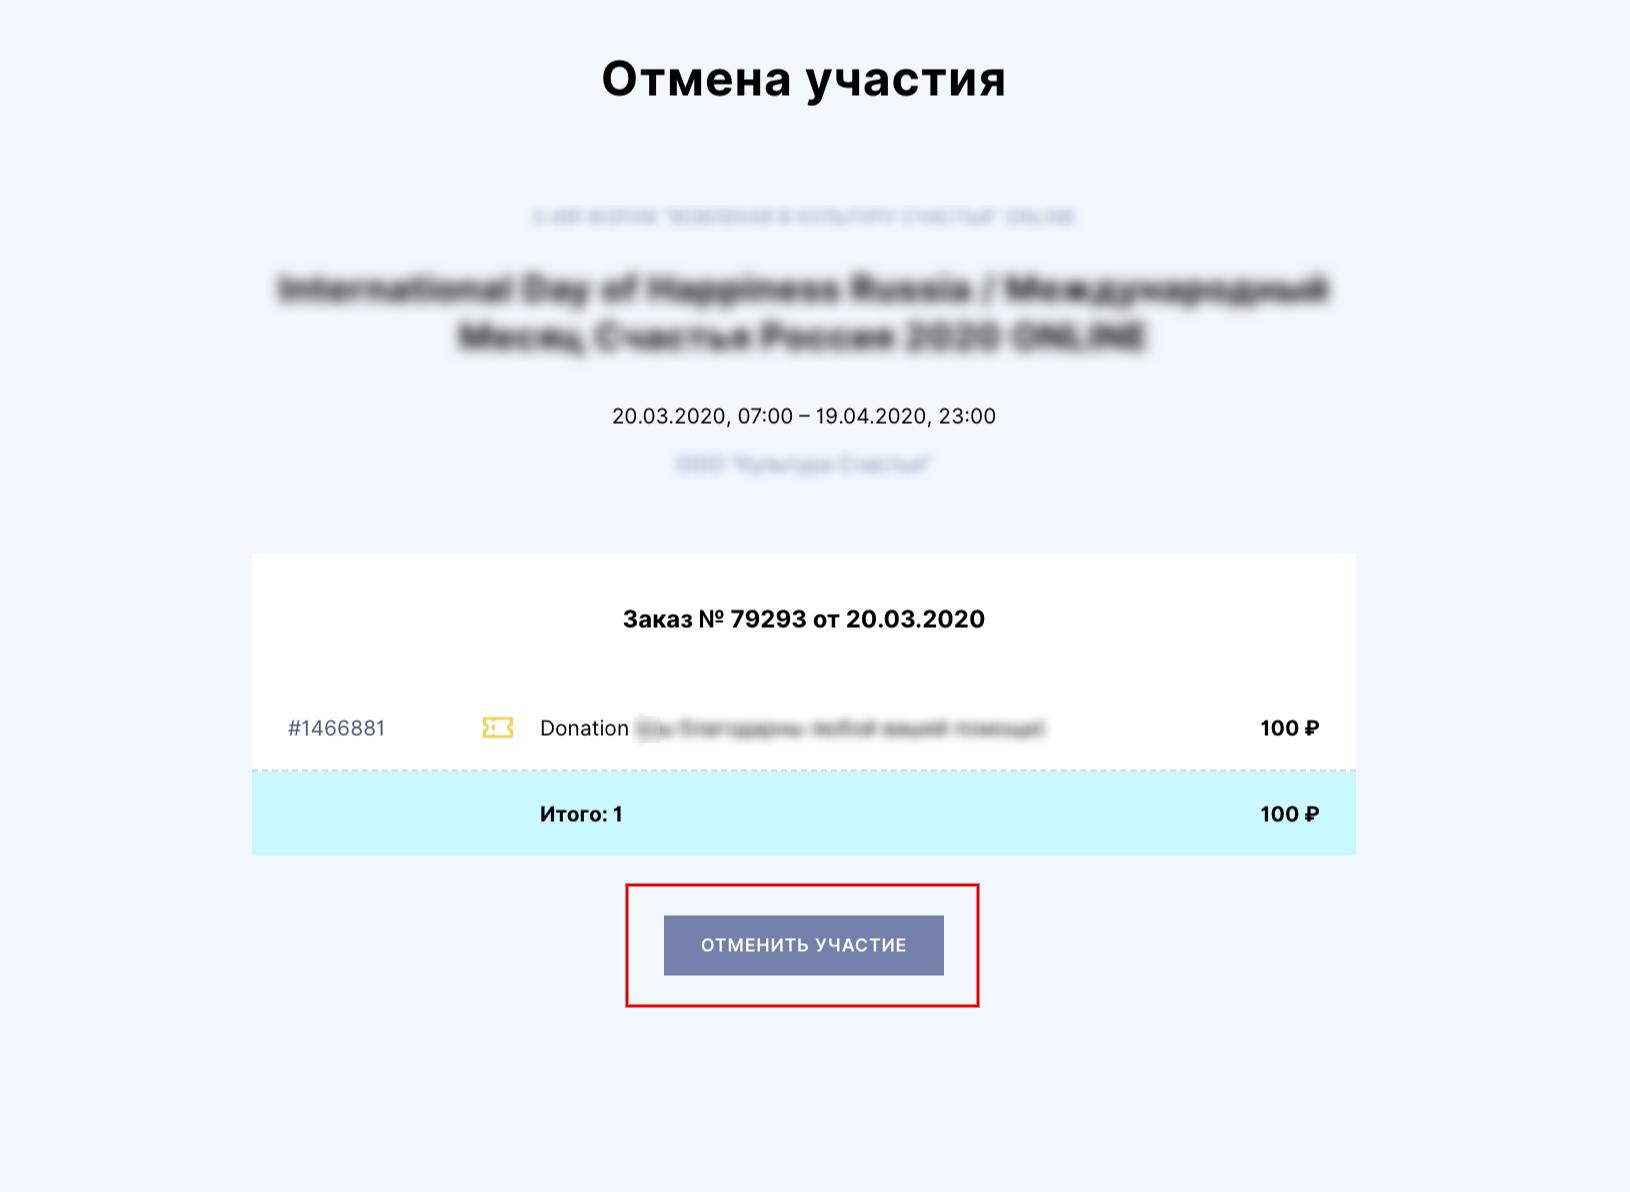 Как участник может отправить заявку на возврат билета?